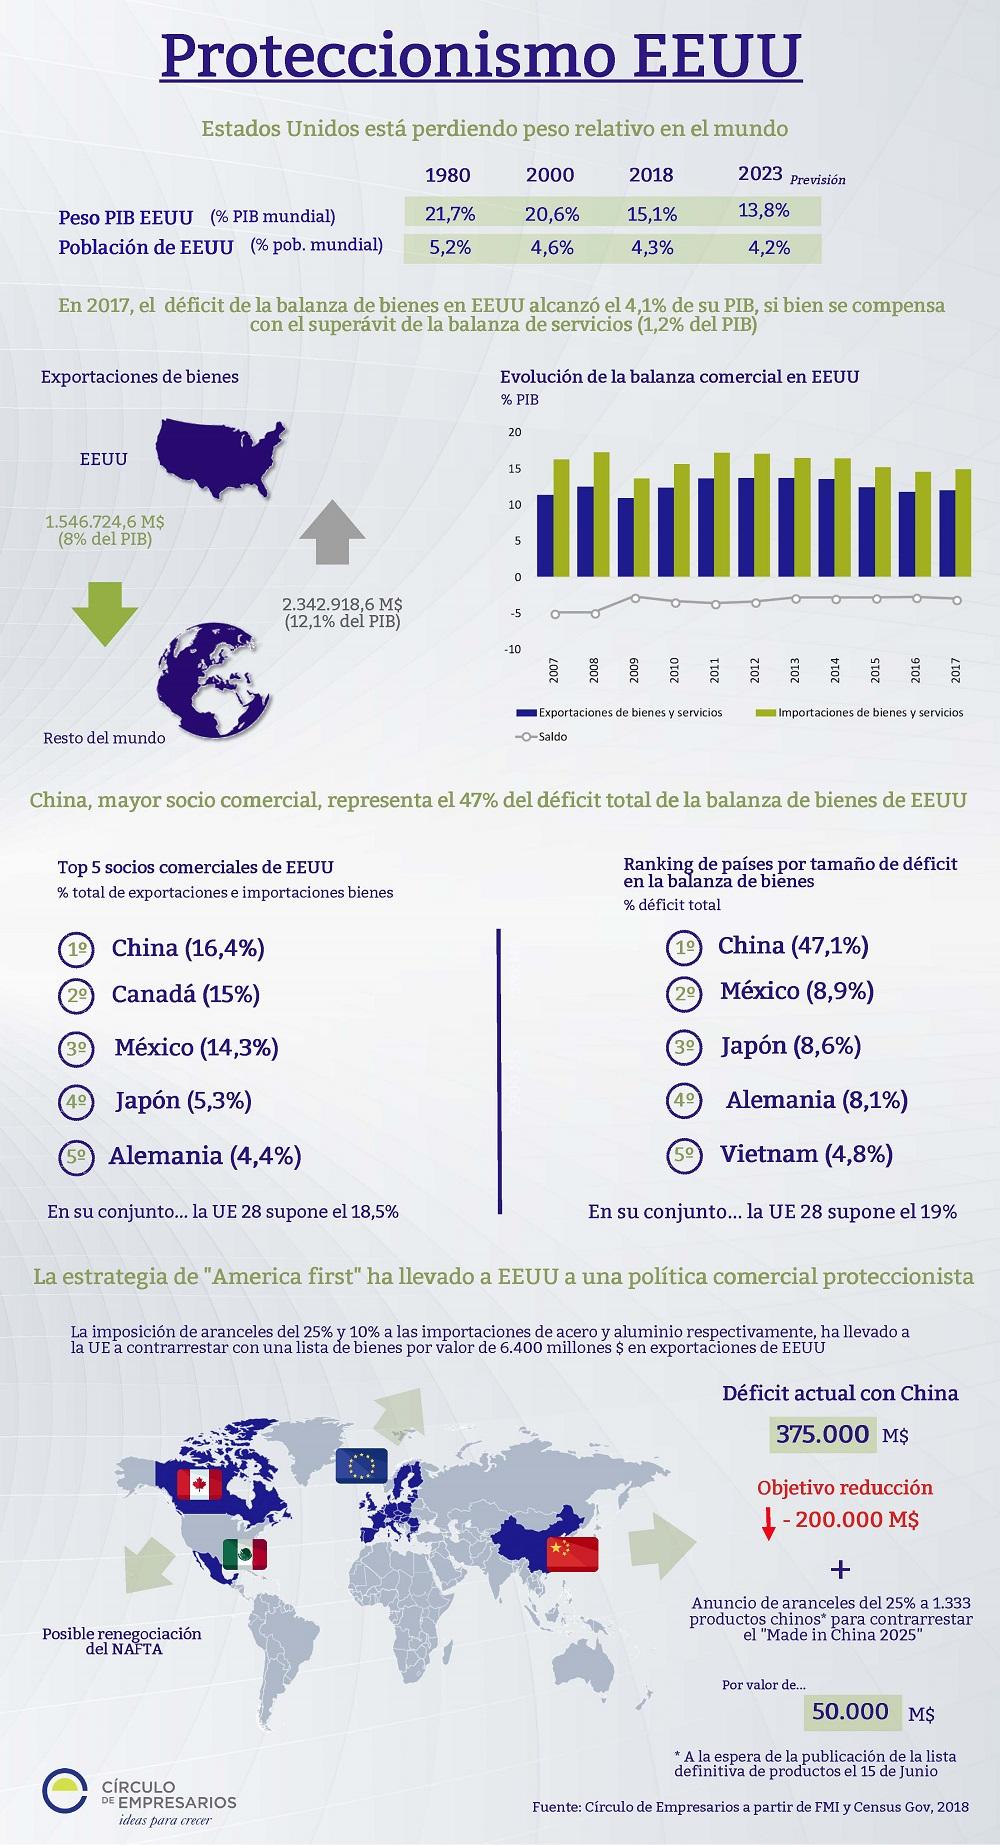 Proteccionismo EEUU. Fuente: Círculo de Empresarios.